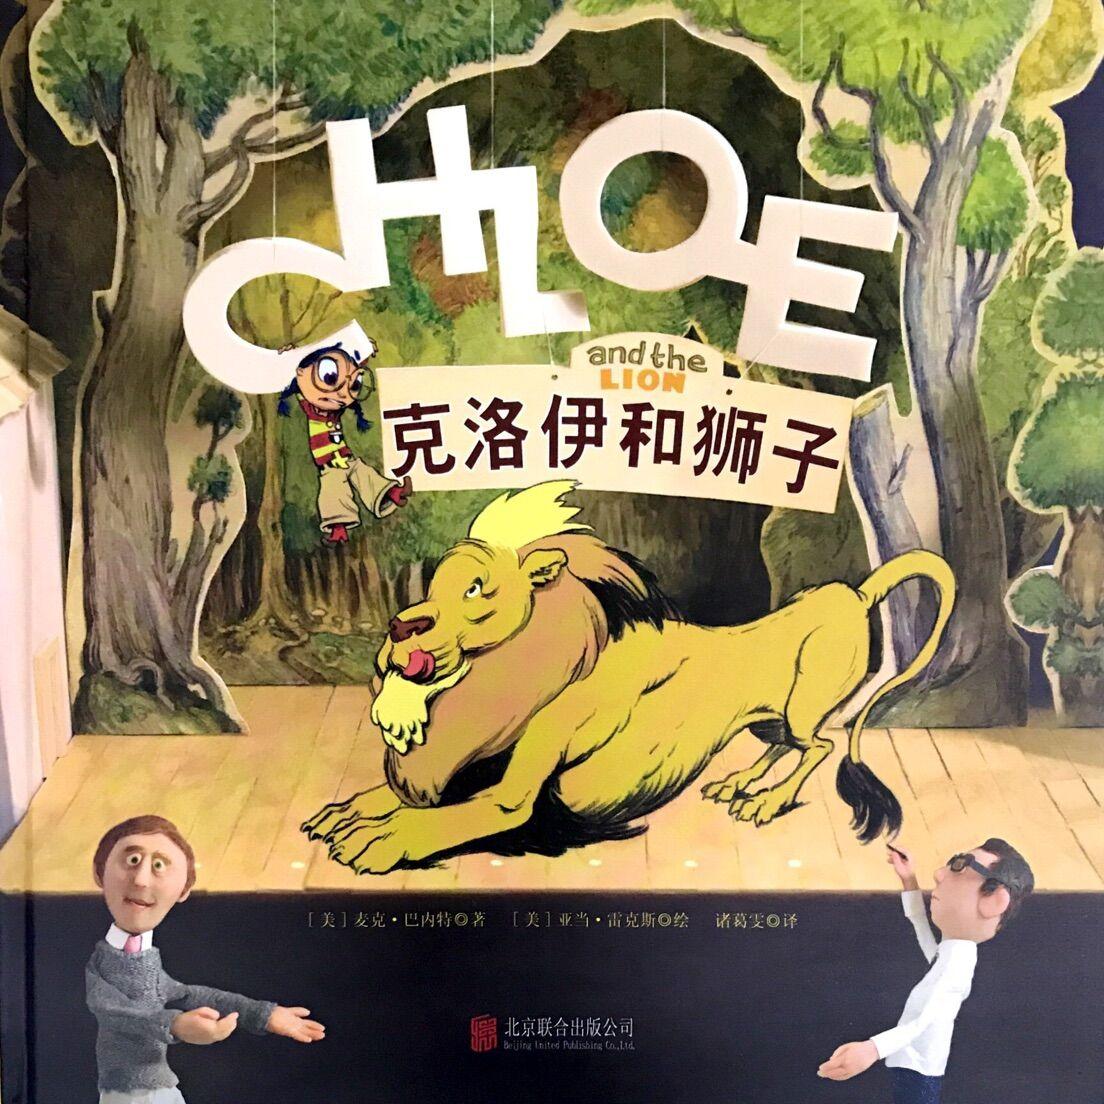 克洛伊和狮子